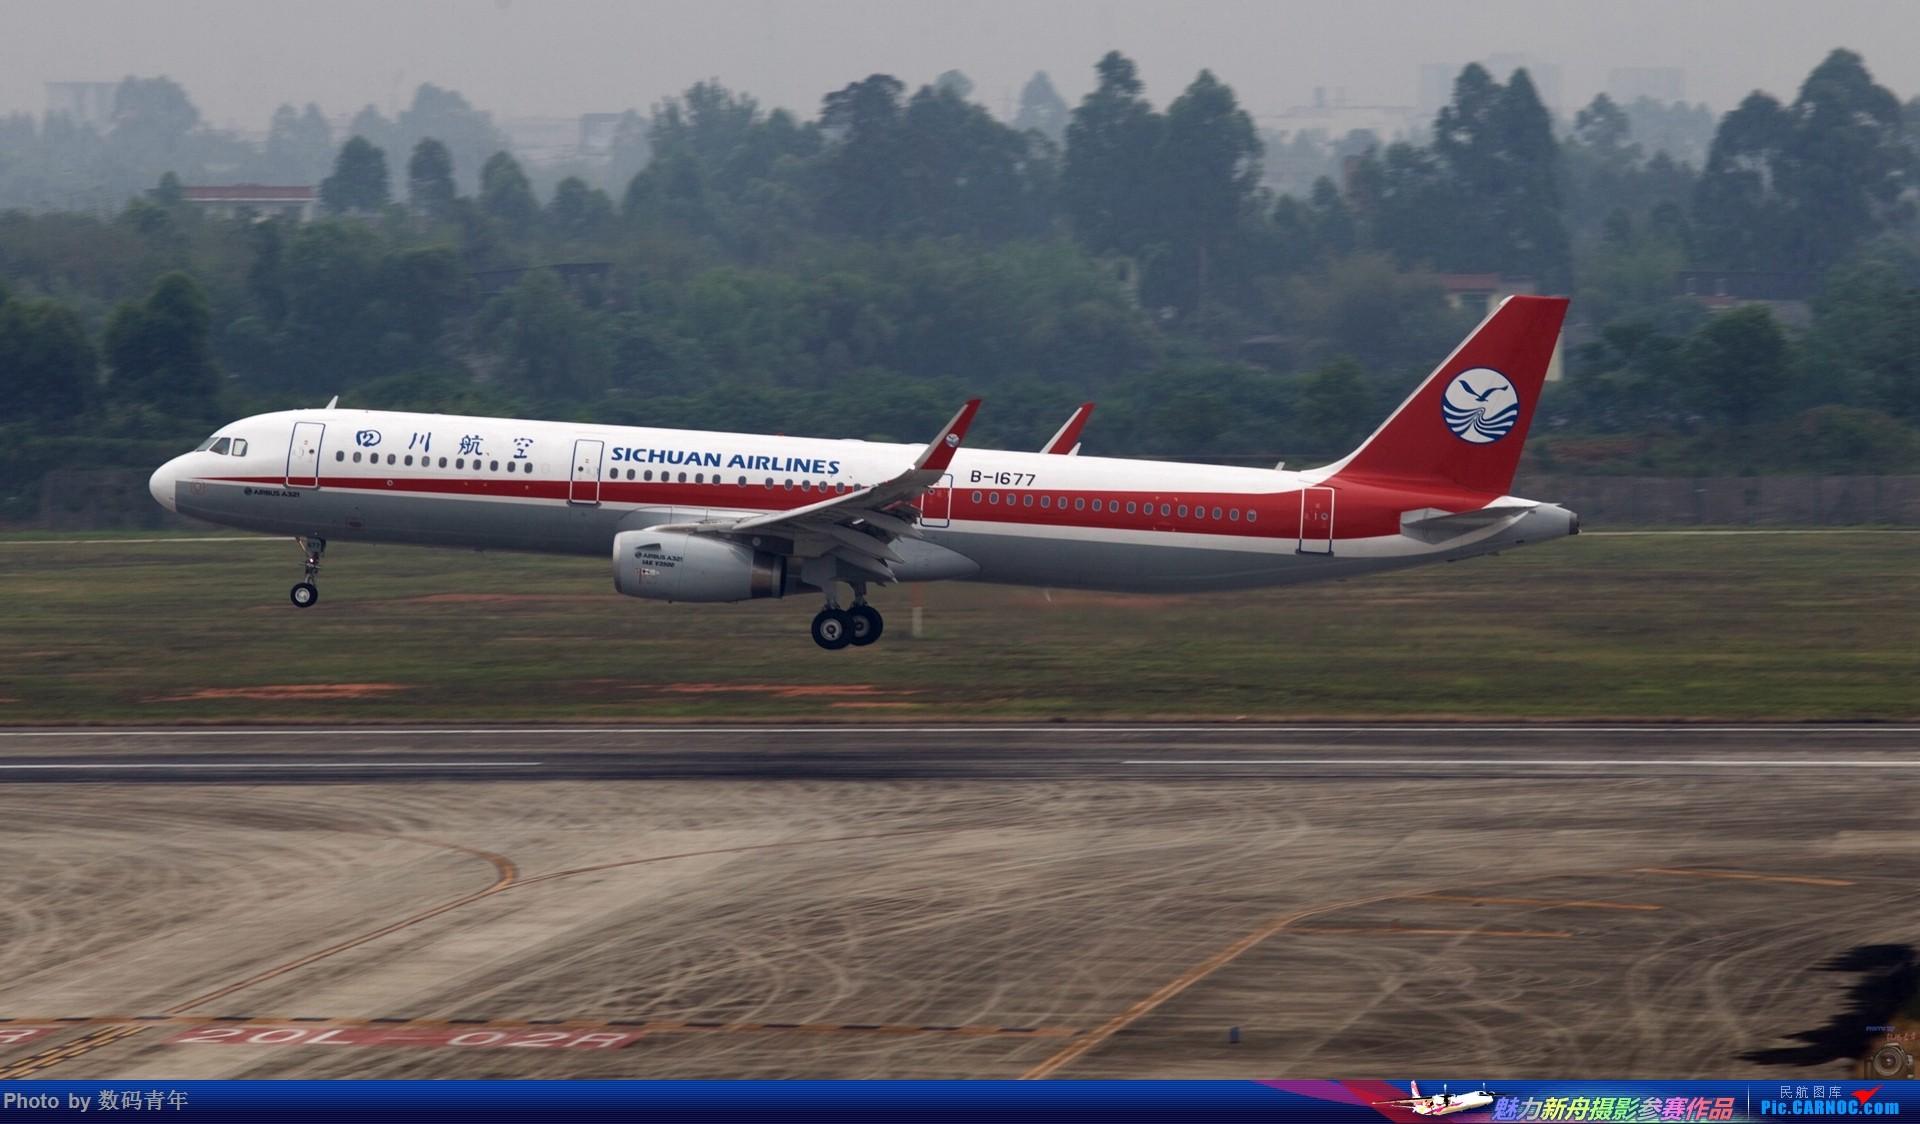 Re:[原创]重出江湖【CTU】2015.5.17打飞机 AIRBUS A321-200 B-1677 中国成都双流国际机场